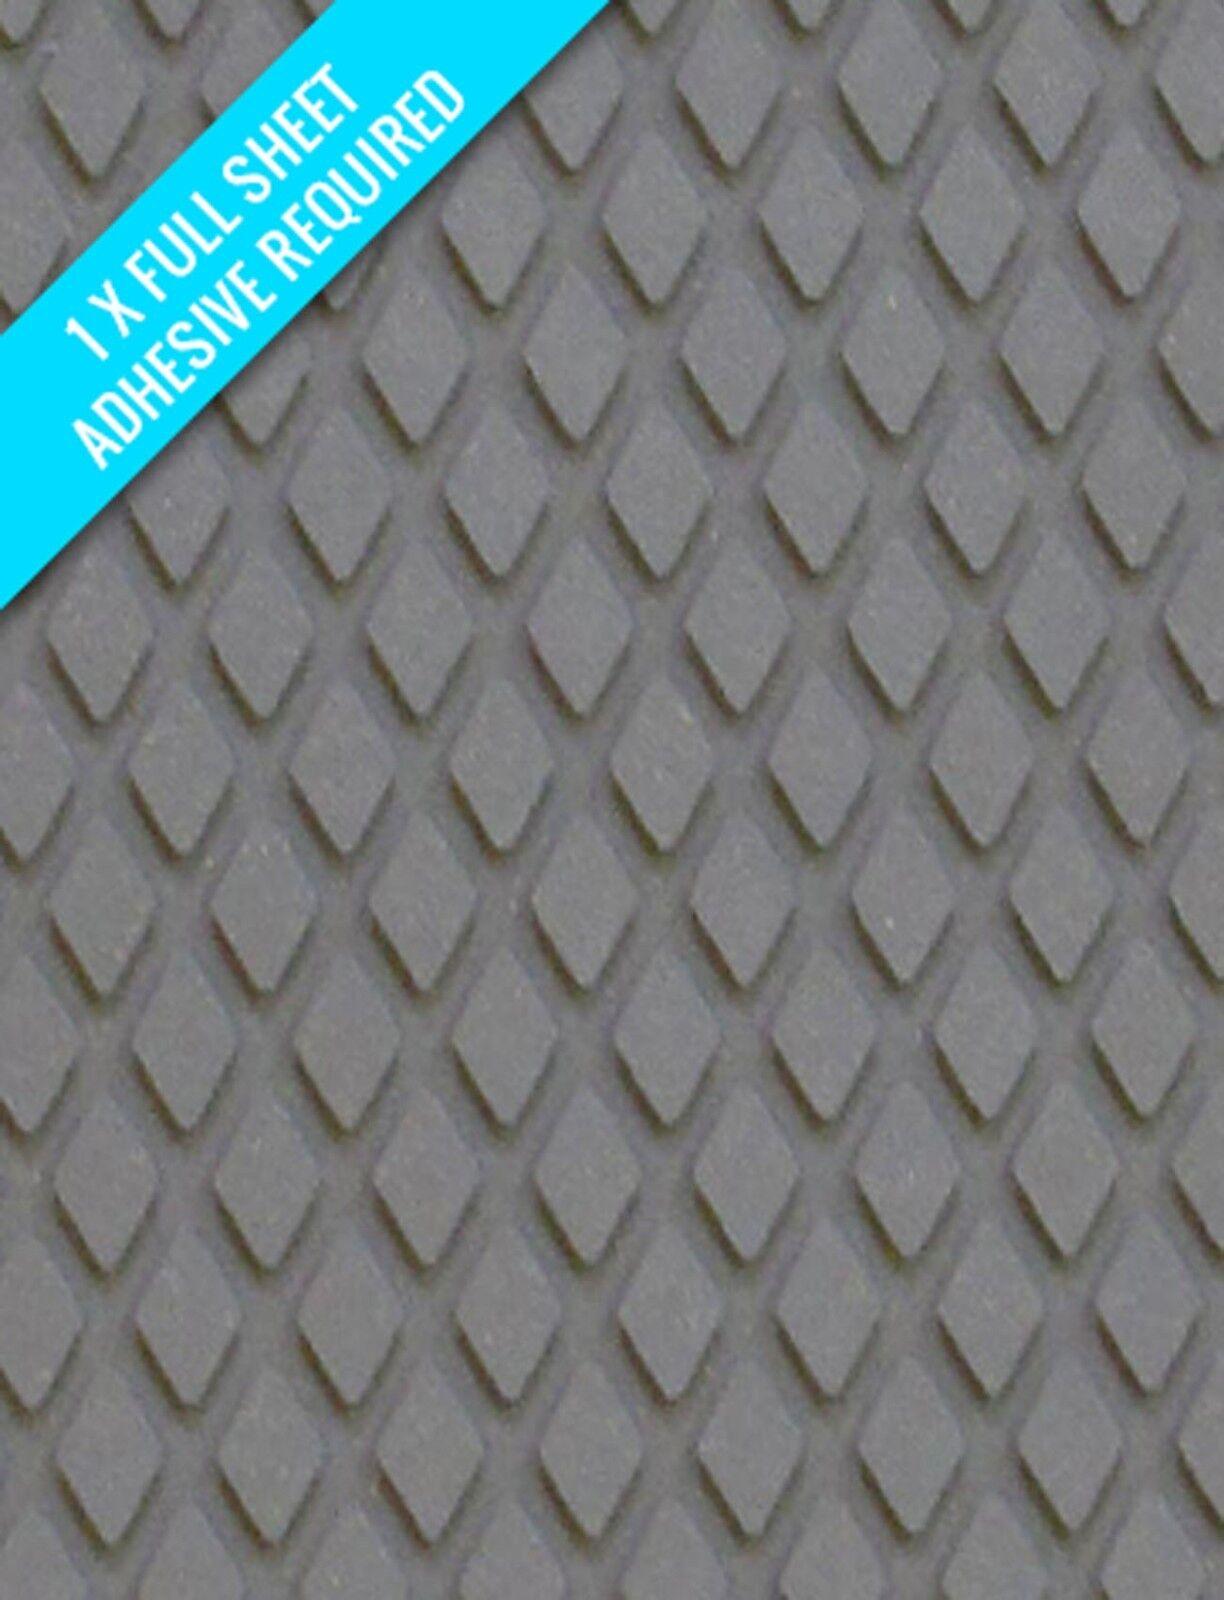 Treadmaster  Diamante Entablado Slip rojoucción Sheet, Barco Tablas 1200mm X 900mm  la mejor selección de